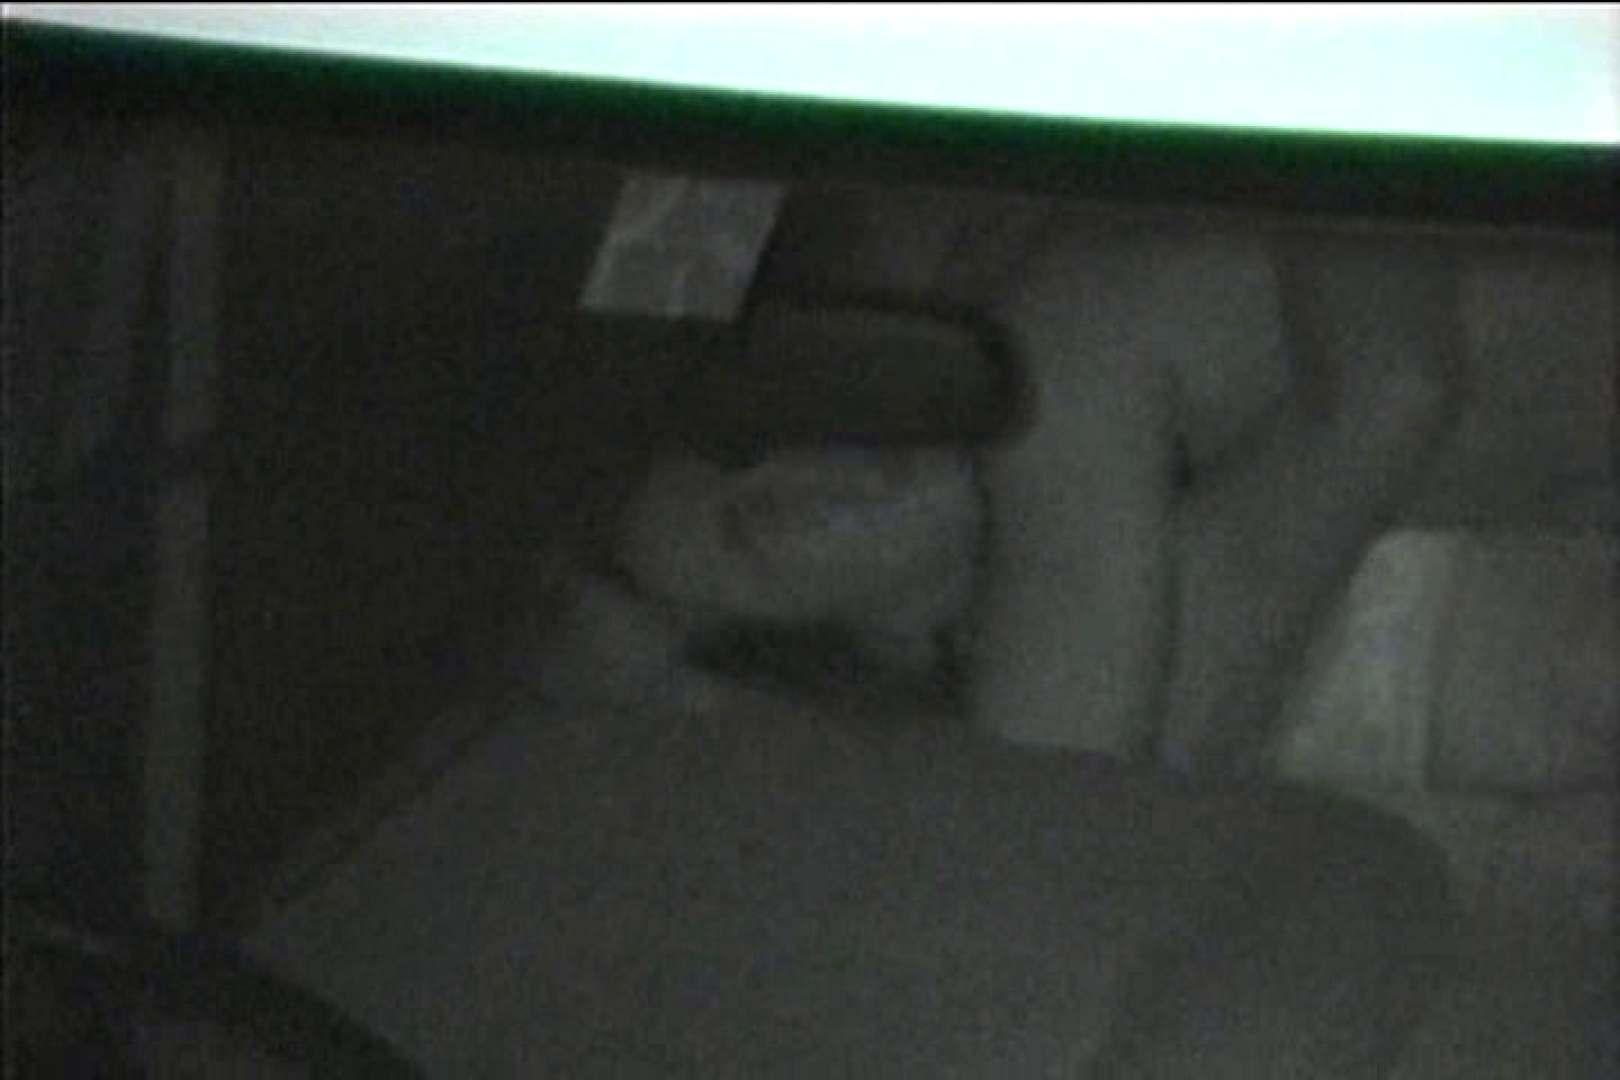 車の中はラブホテル 無修正版  Vol.7 接写 AV無料動画キャプチャ 84pic 50